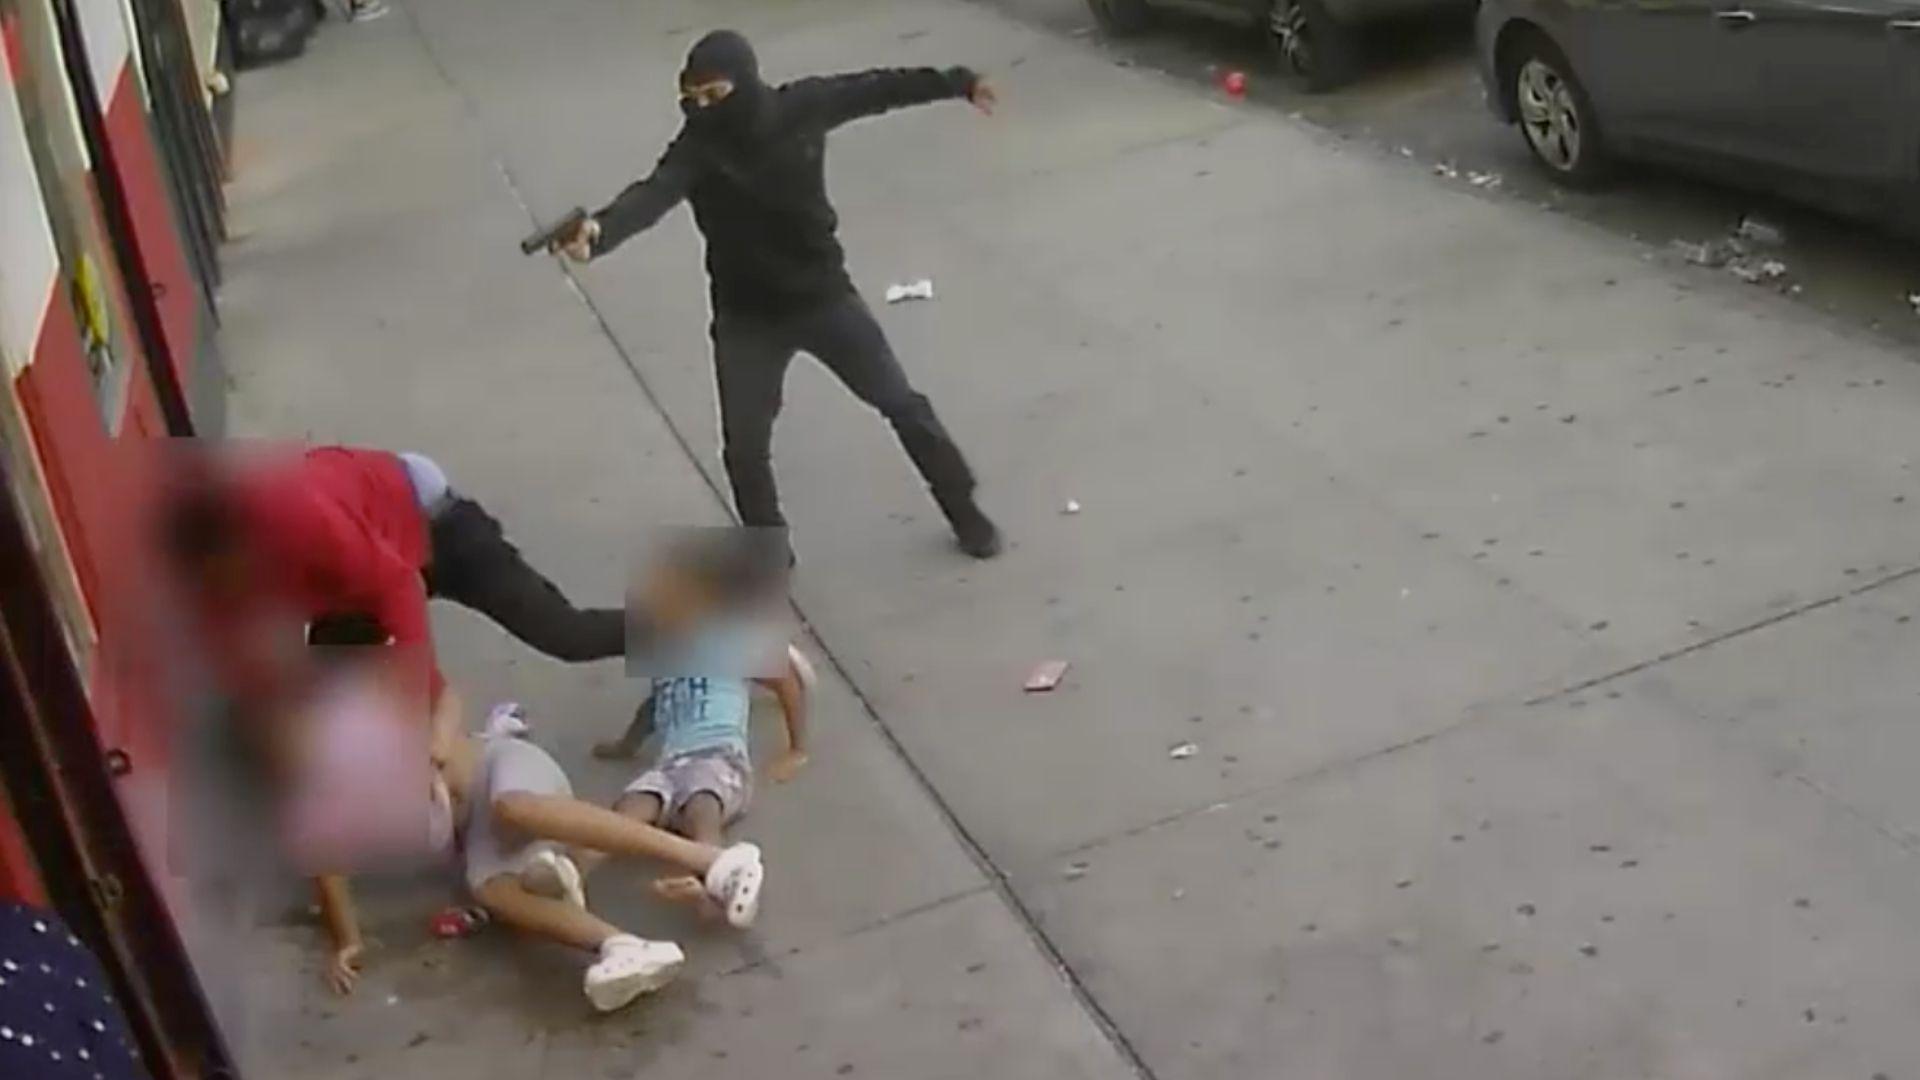 Children narrowly avoid being struck in Bronx sidewalk shooting